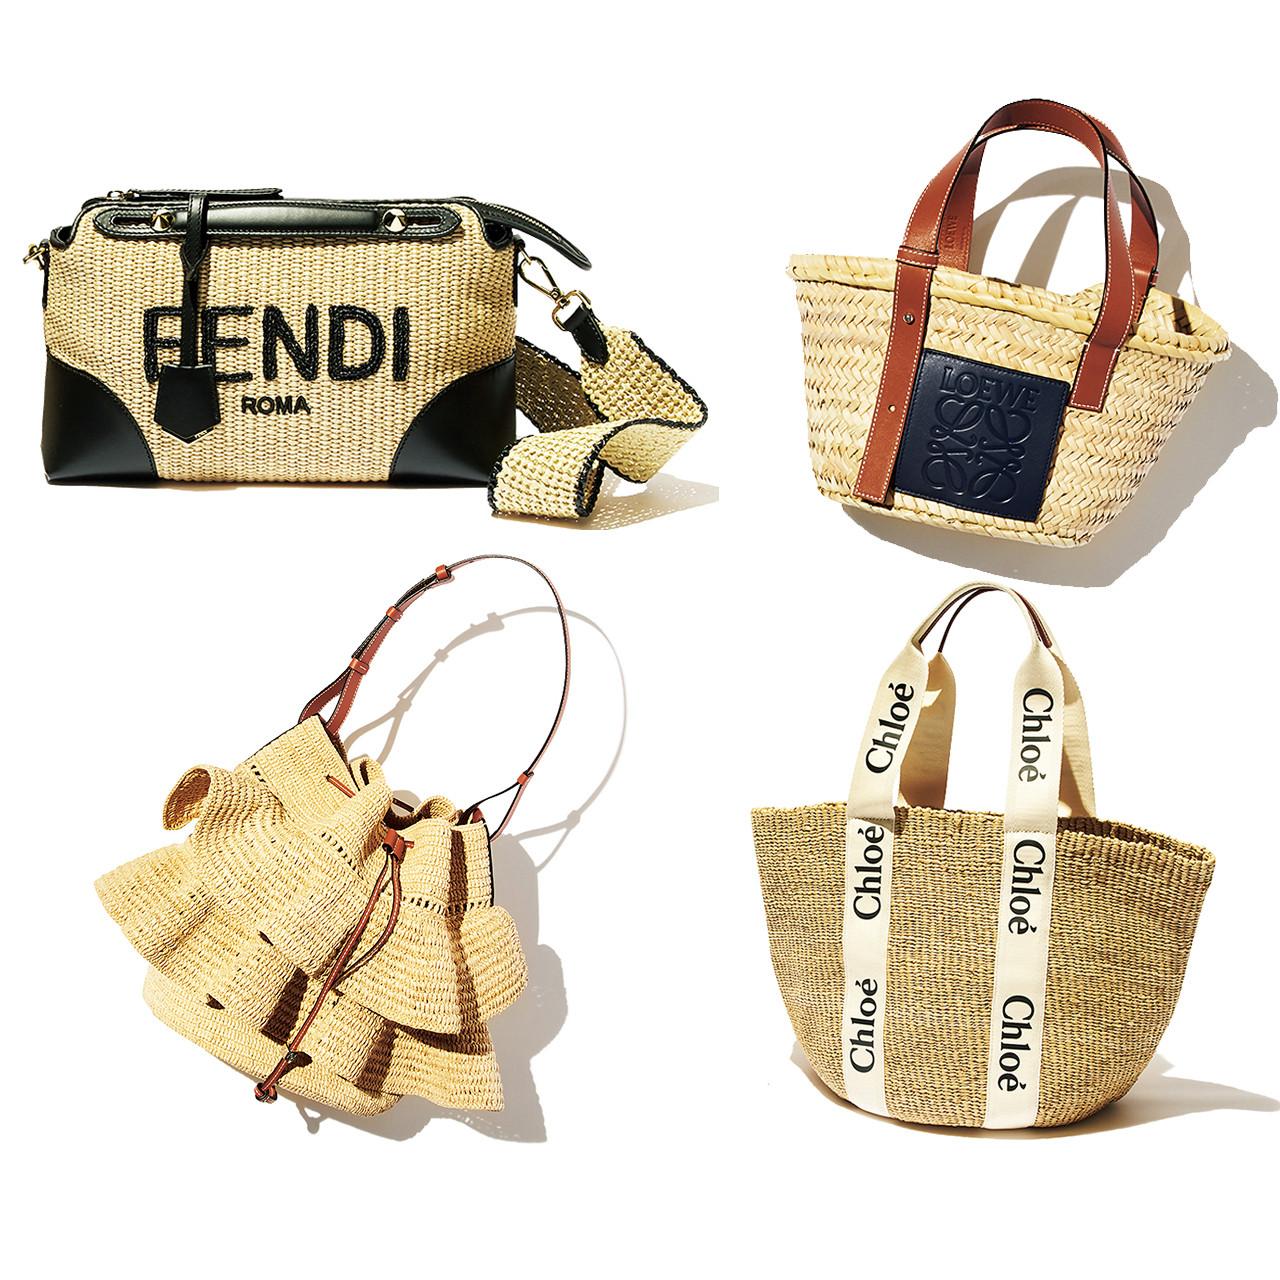 【人気ブランドのかごバッグ】グッチ、フェンディ、ロエベ…6ブランドまとめてチェック!